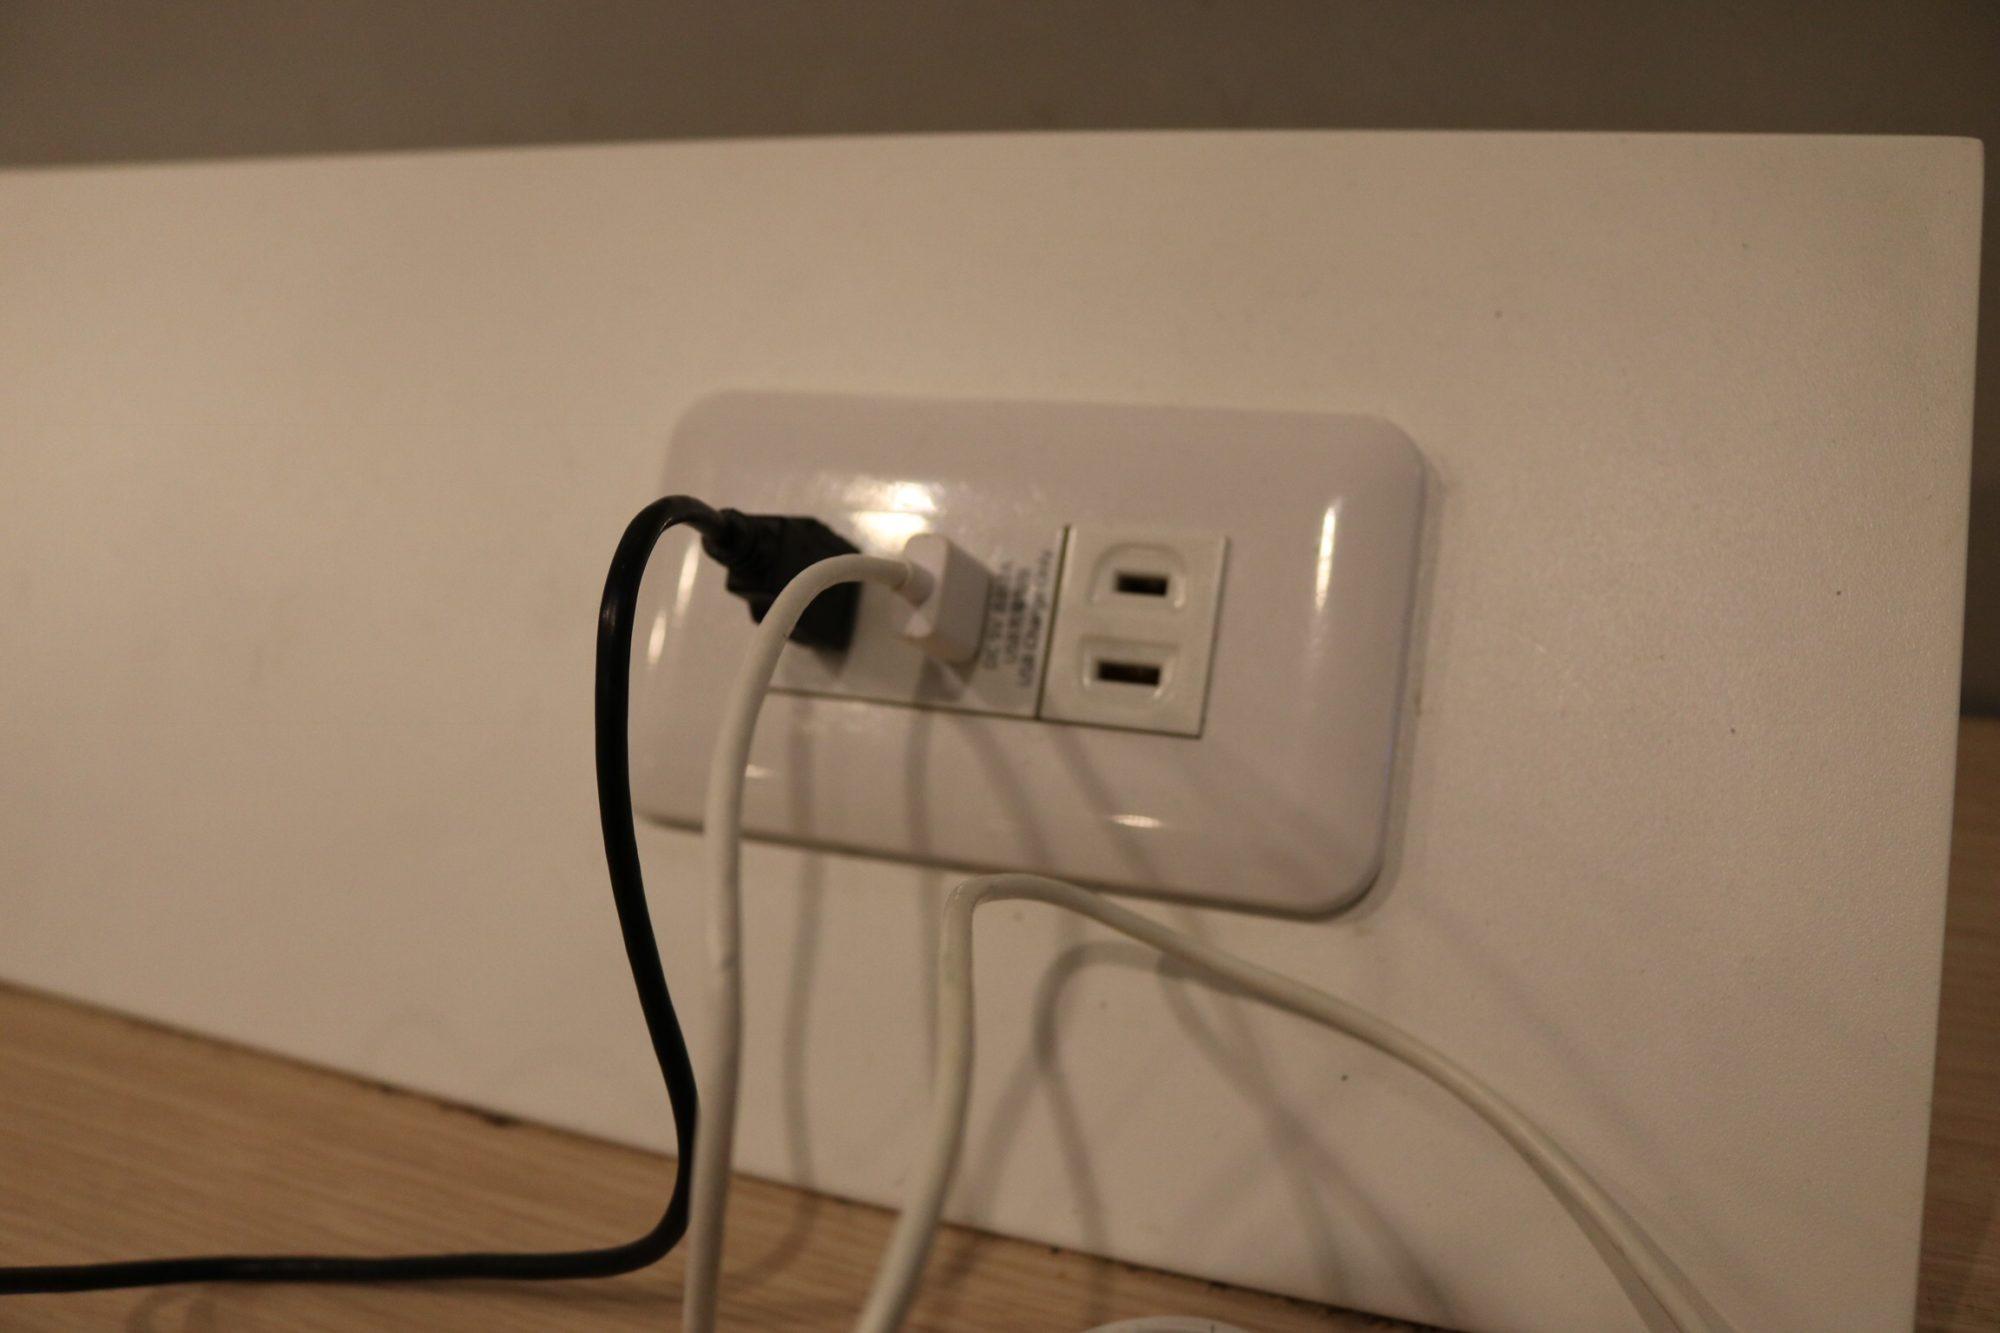 USB充電できる!ディズニー行きのリムジンバスと成田空港のミーティングルーム〜旅に出るときには充電用USBケーブルを携帯しよう!